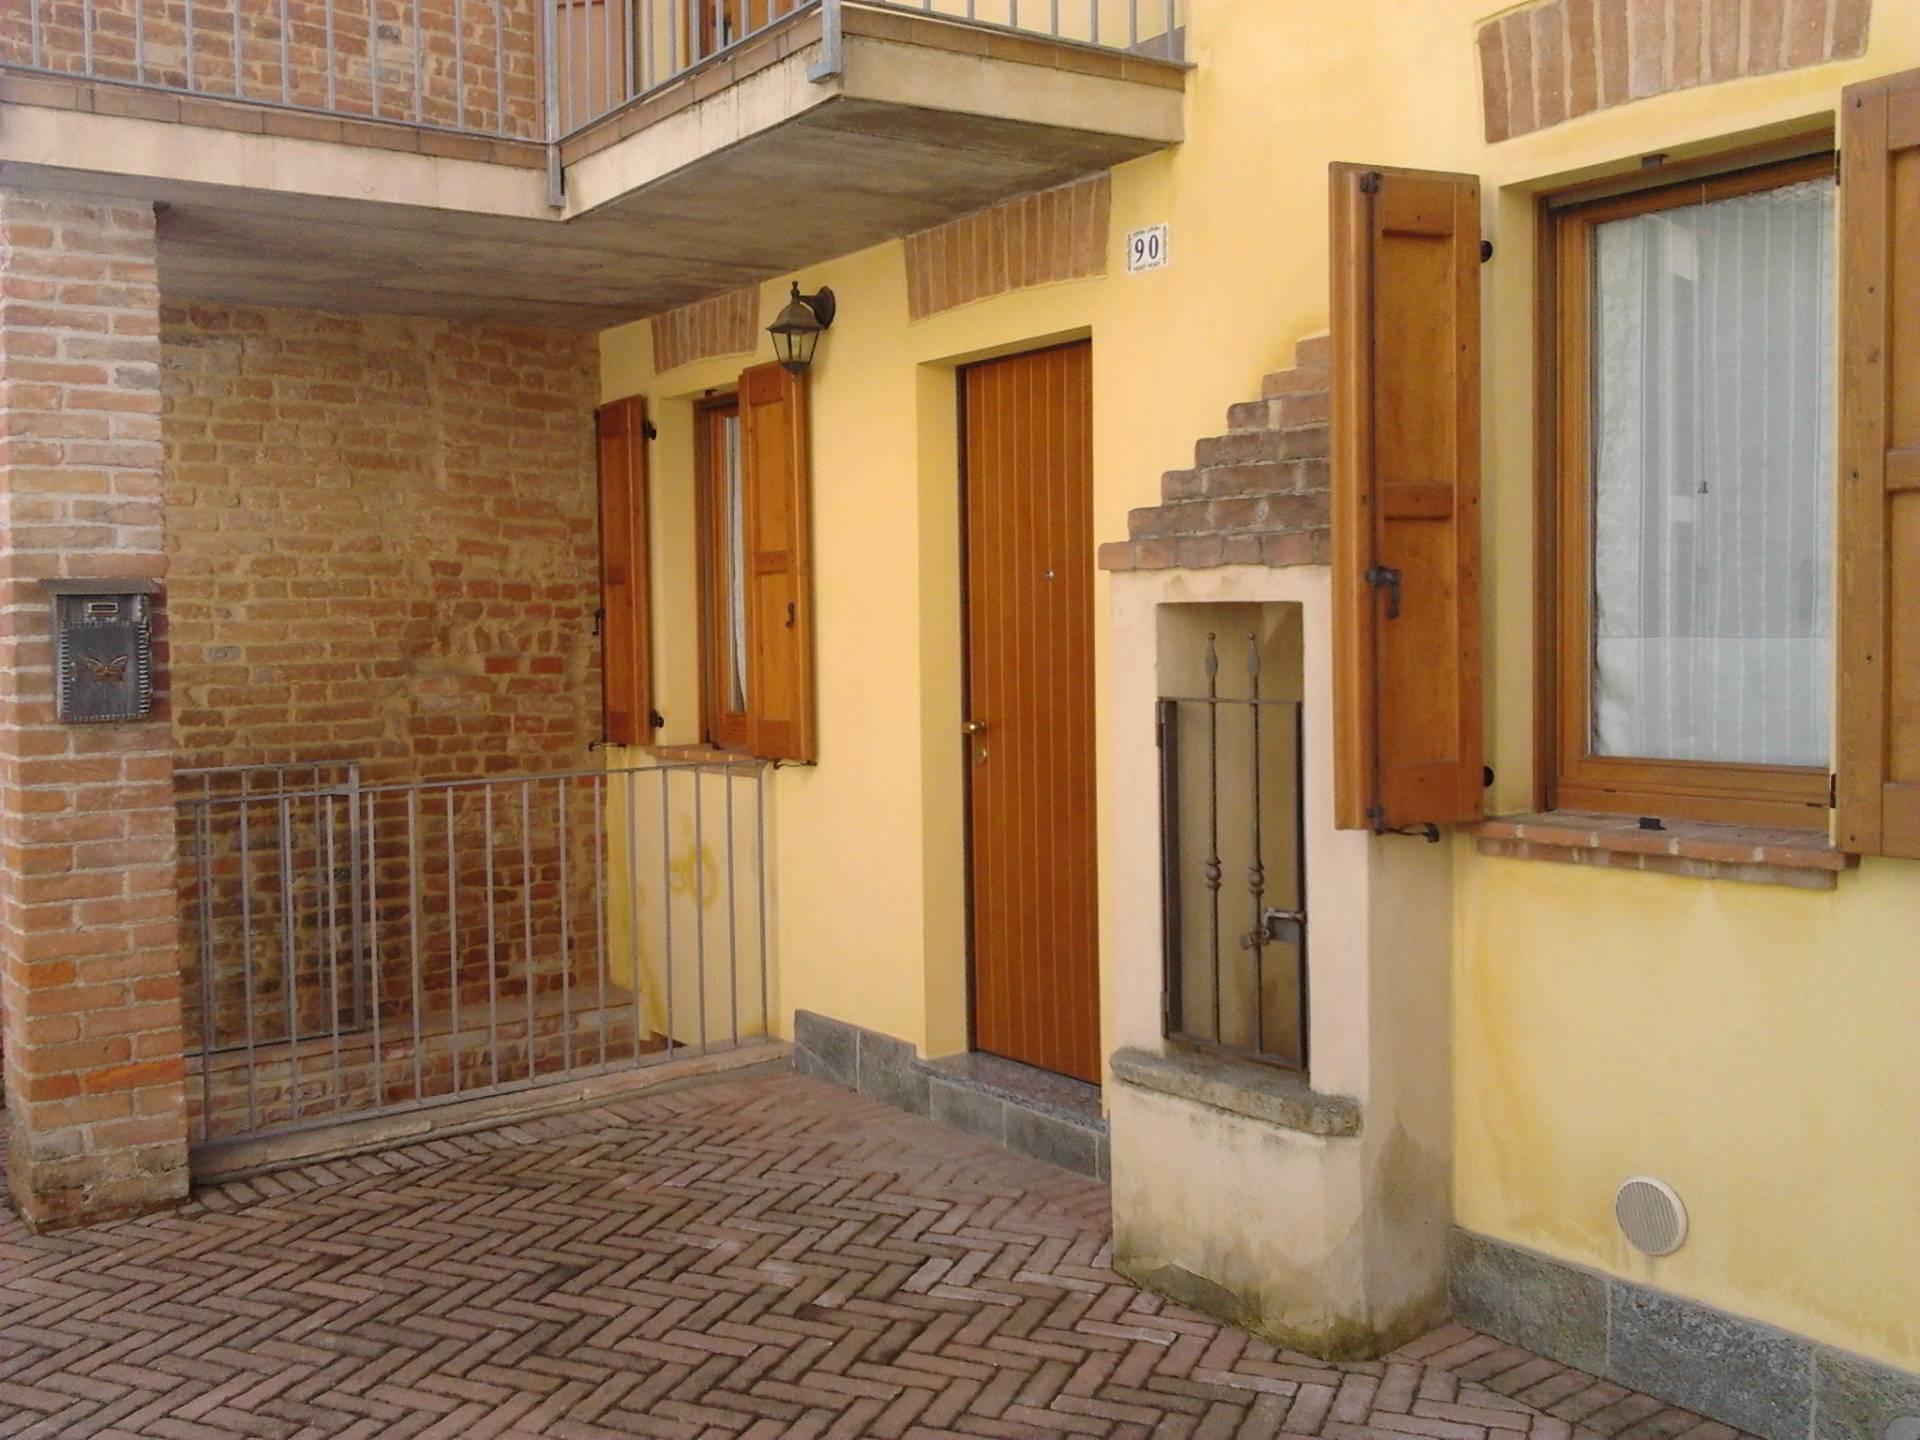 Soluzione Indipendente in affitto a Camagna Monferrato, 2 locali, prezzo € 350 | PortaleAgenzieImmobiliari.it